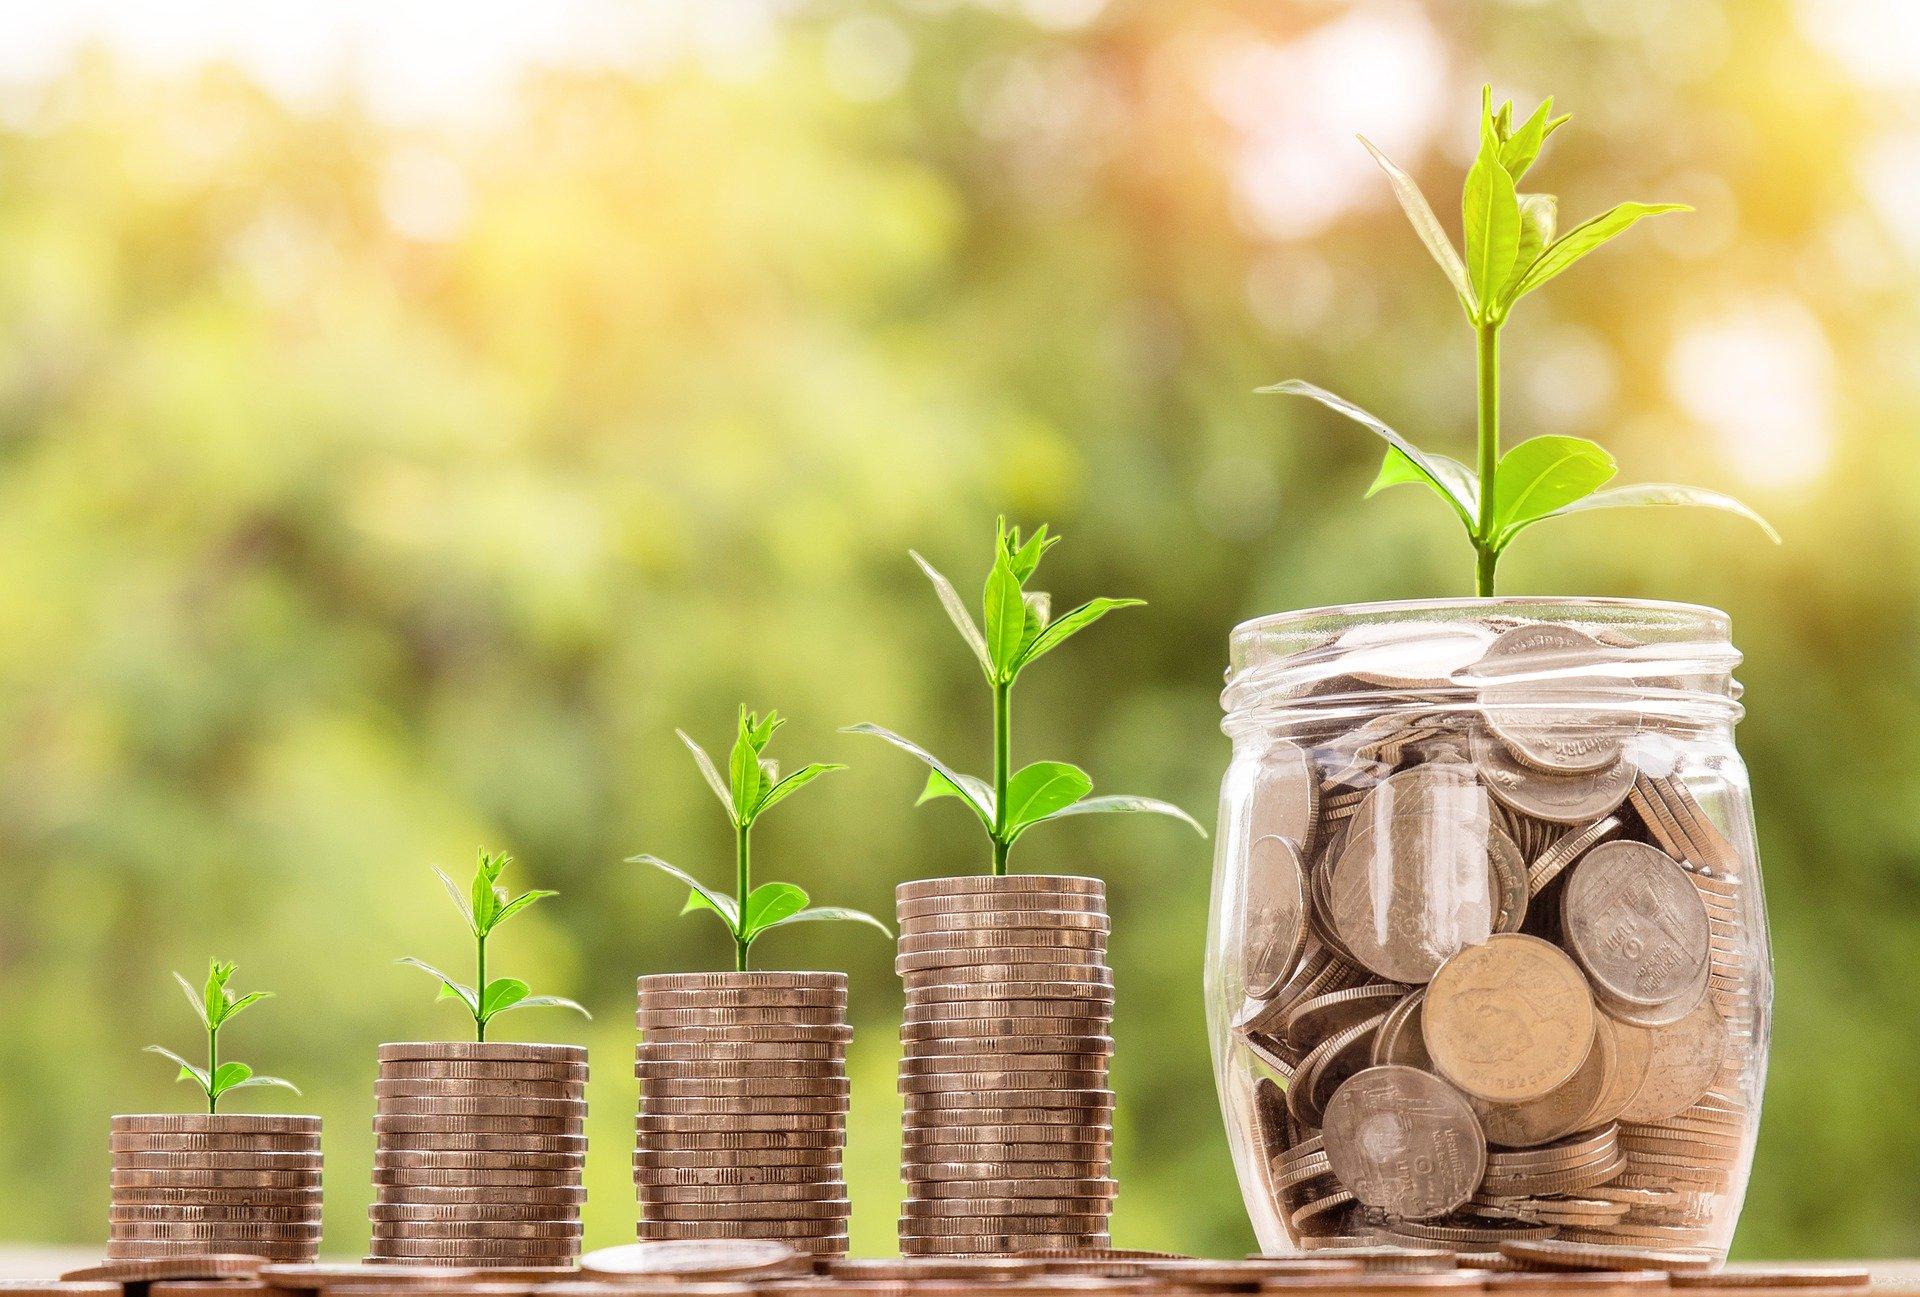 お金のコインが積み上げられていて、低・中・高と三段階に積み上げられている。一番右に沢山コインのお金の入った瓶がおいてある